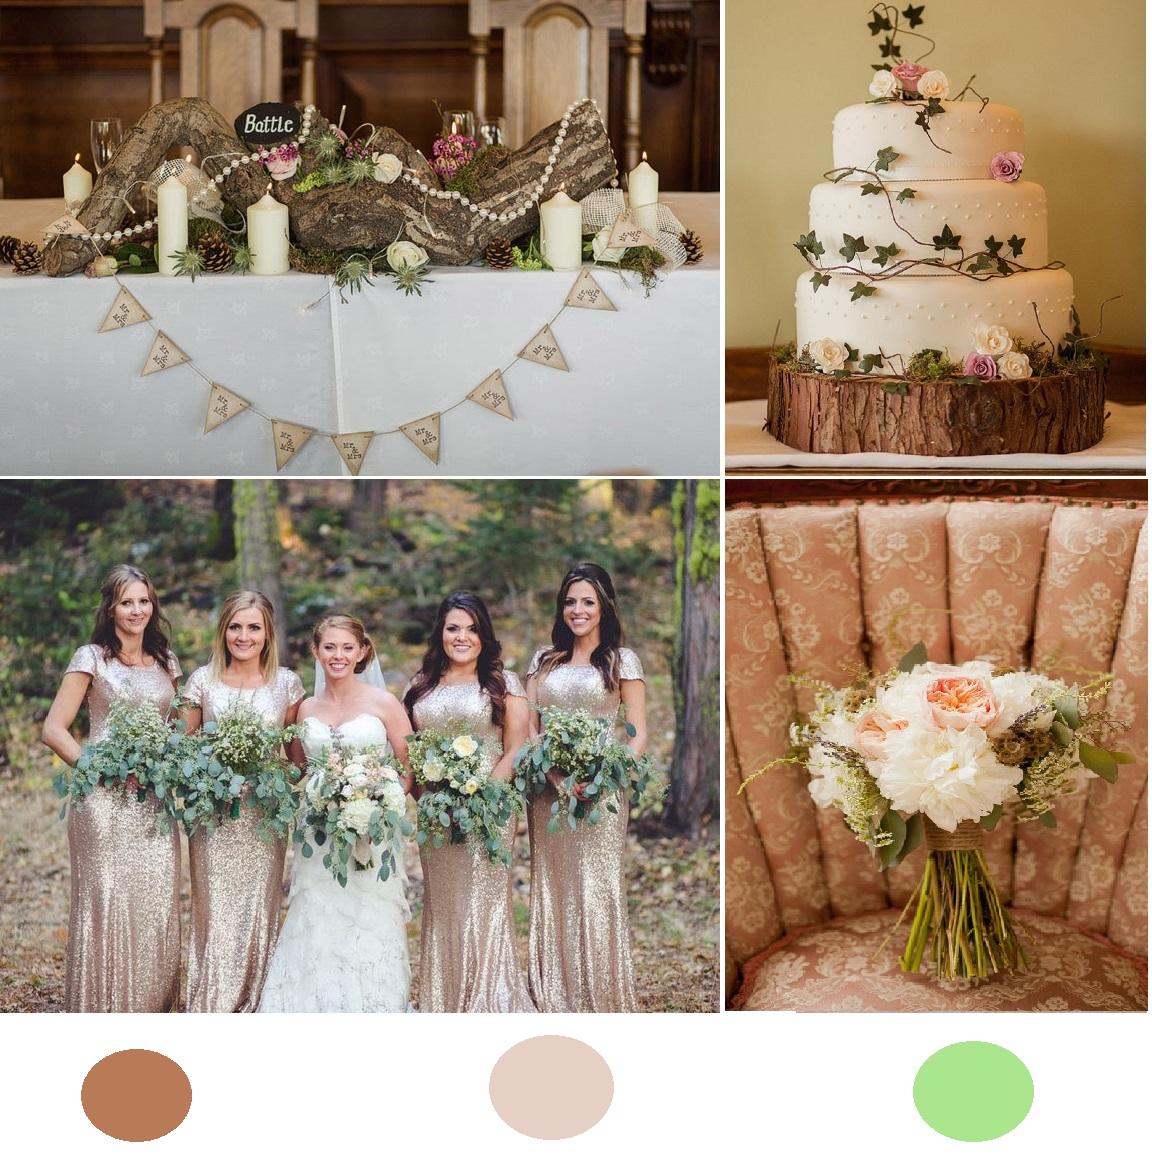 5 Bohemian Home Decor Ideas Rustic Folk Weddings: Woodland Rustic Wedding